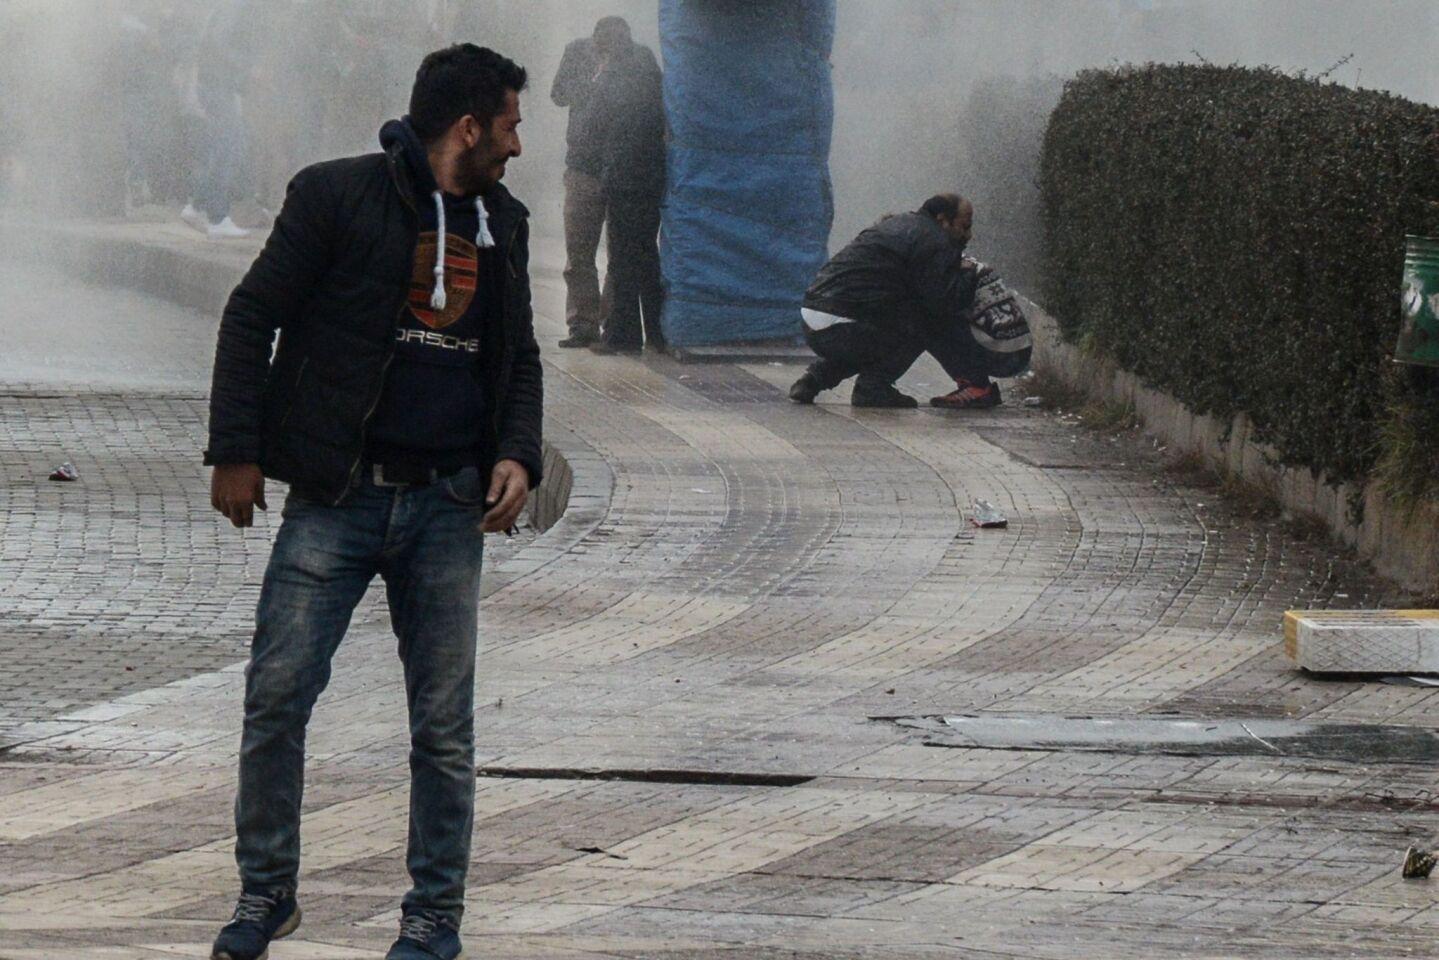 TURKEY-KURDS-UNREST-CURFEW-DEMO